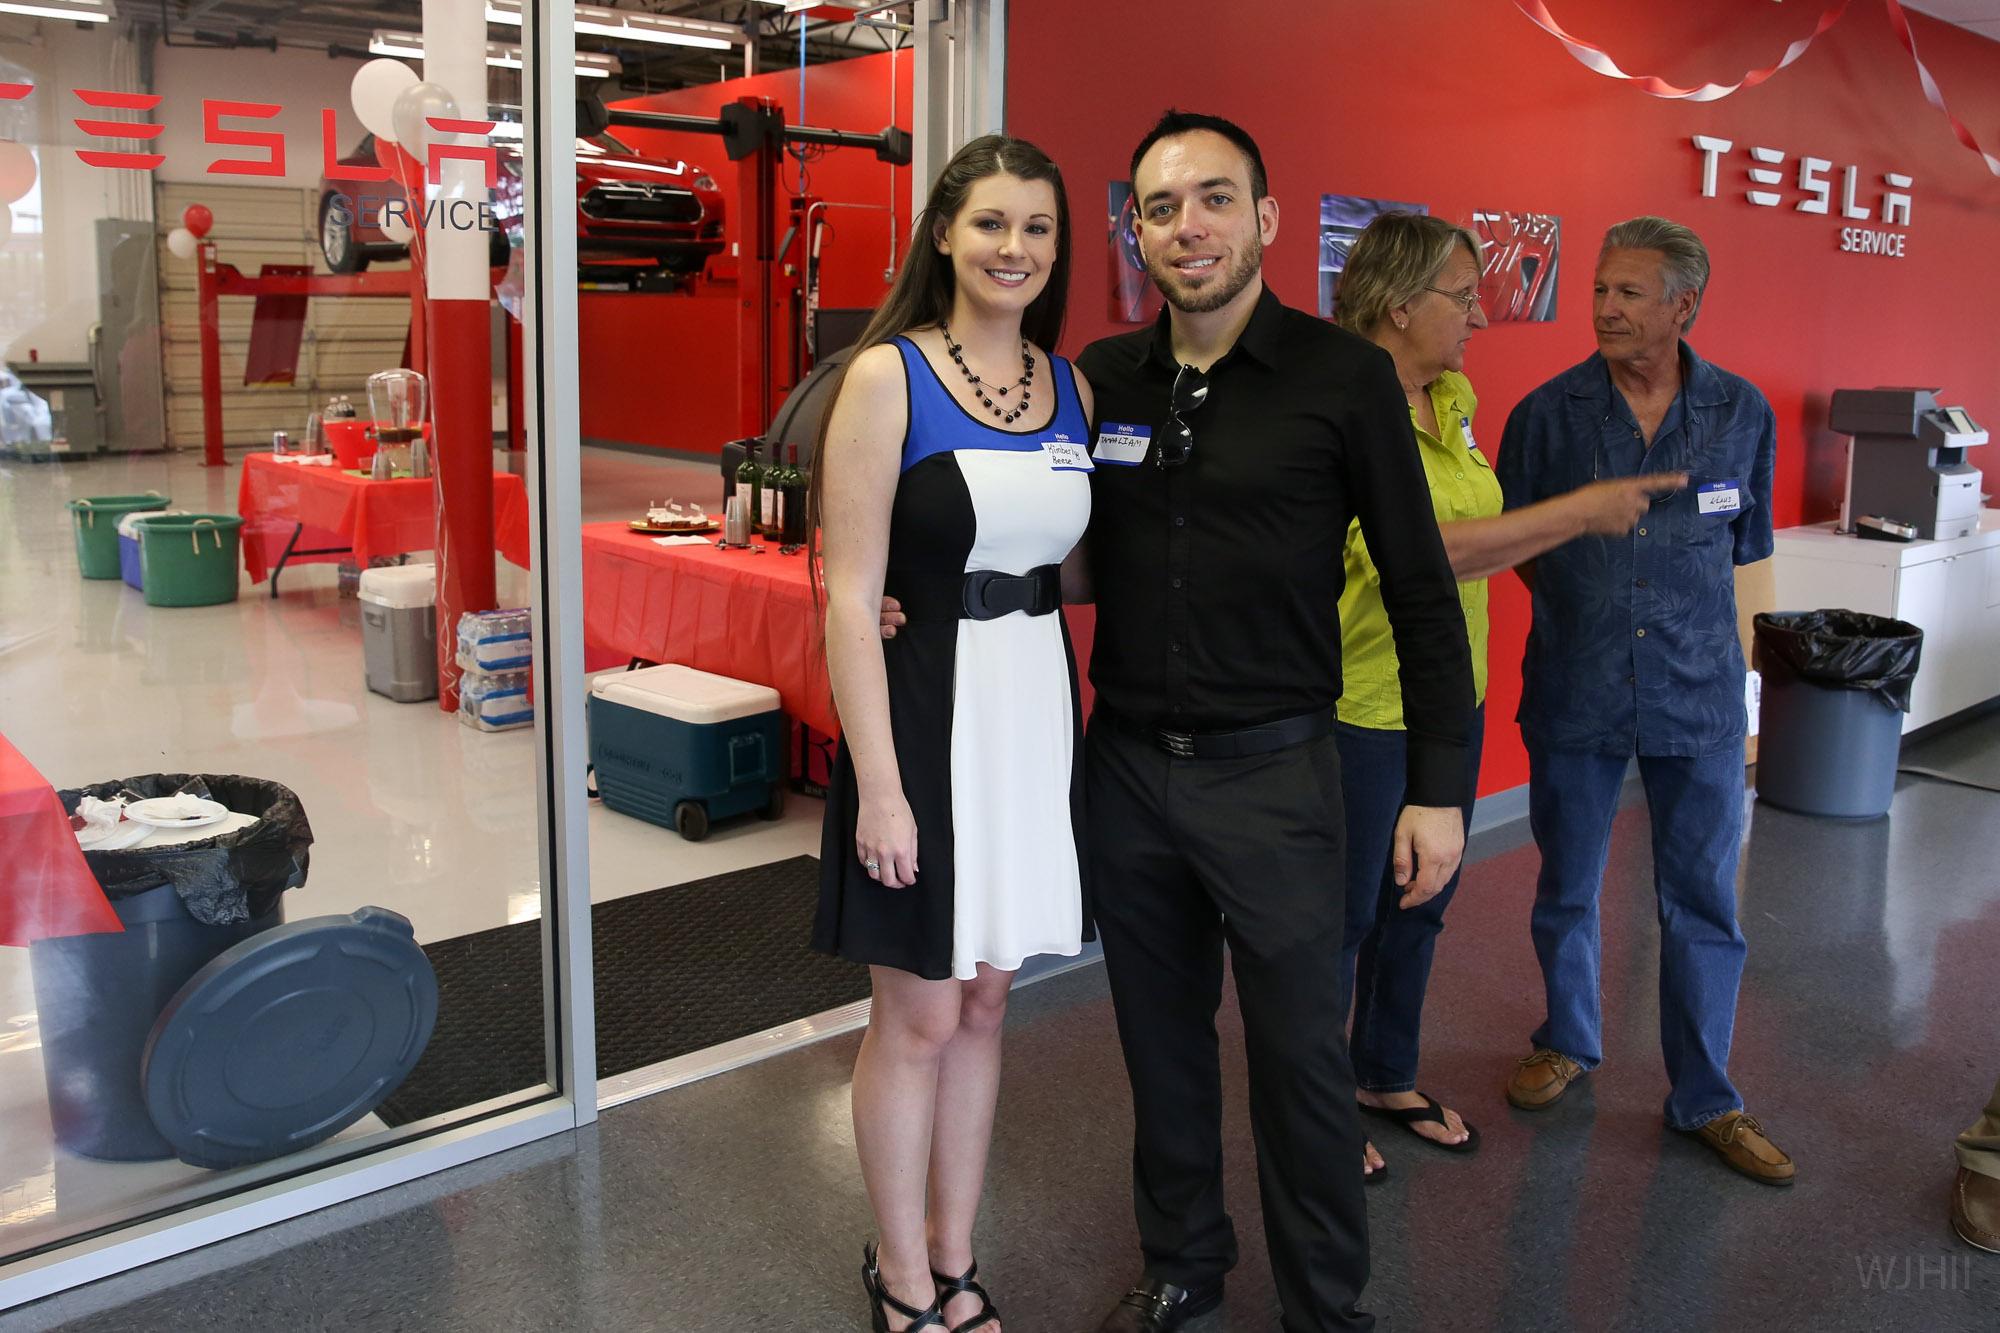 TeslaMotorsClub_Tampa_28APR13_0113.jpg